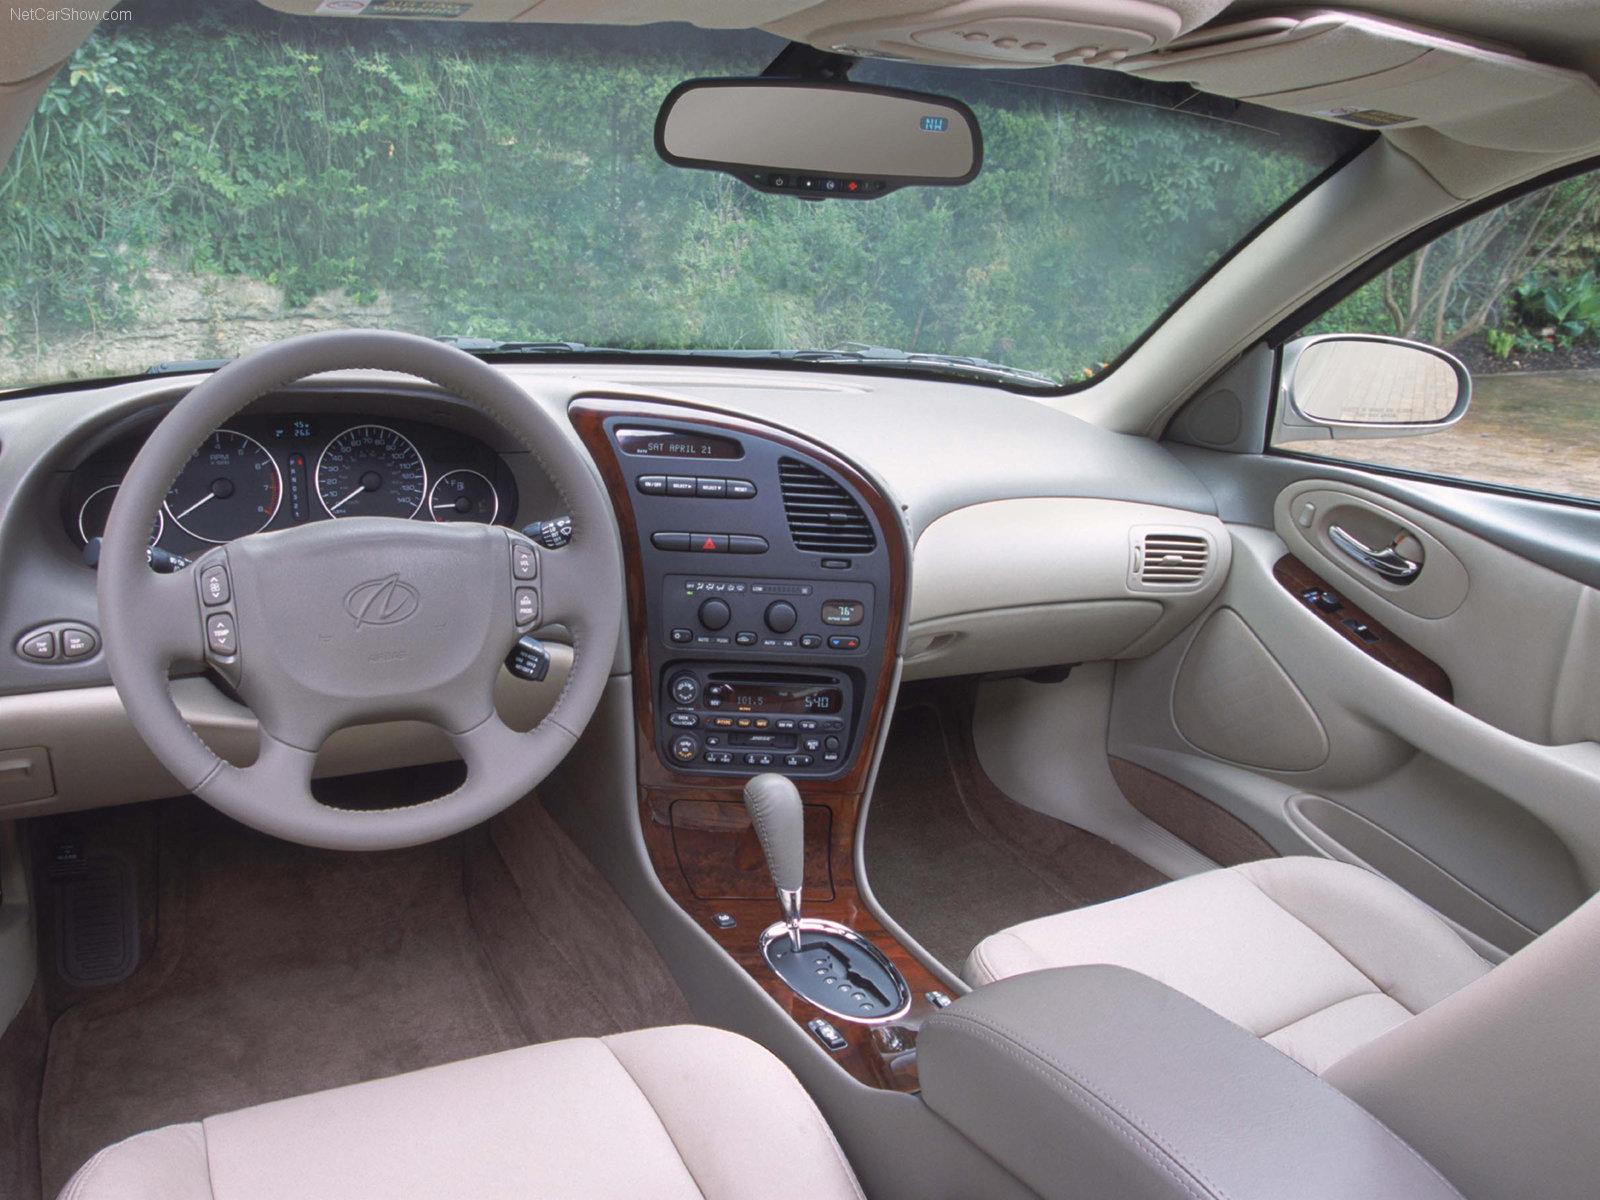 Hình ảnh xe ô tô Oldsmobile Aurora 2002 & nội ngoại thất